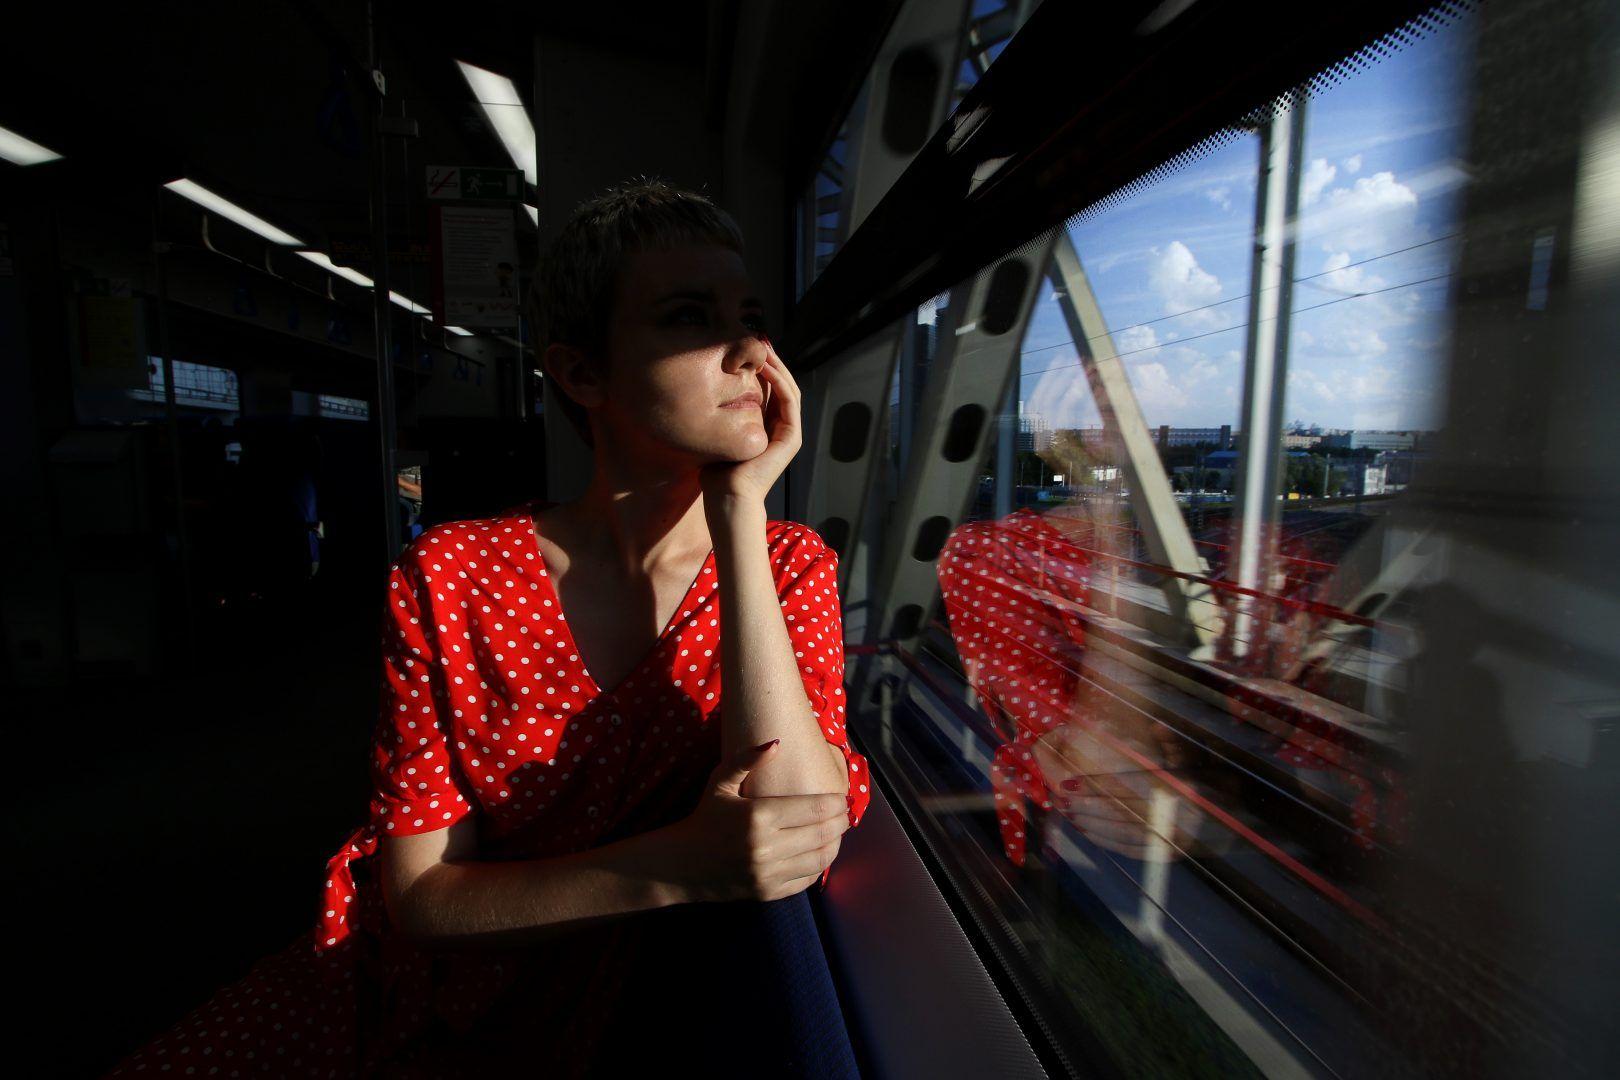 Поезда на МЦК перевезли 58 миллионов пассажиров за пять месяцев.Фото: Екатерина Якель, «ВечерняяМосква»